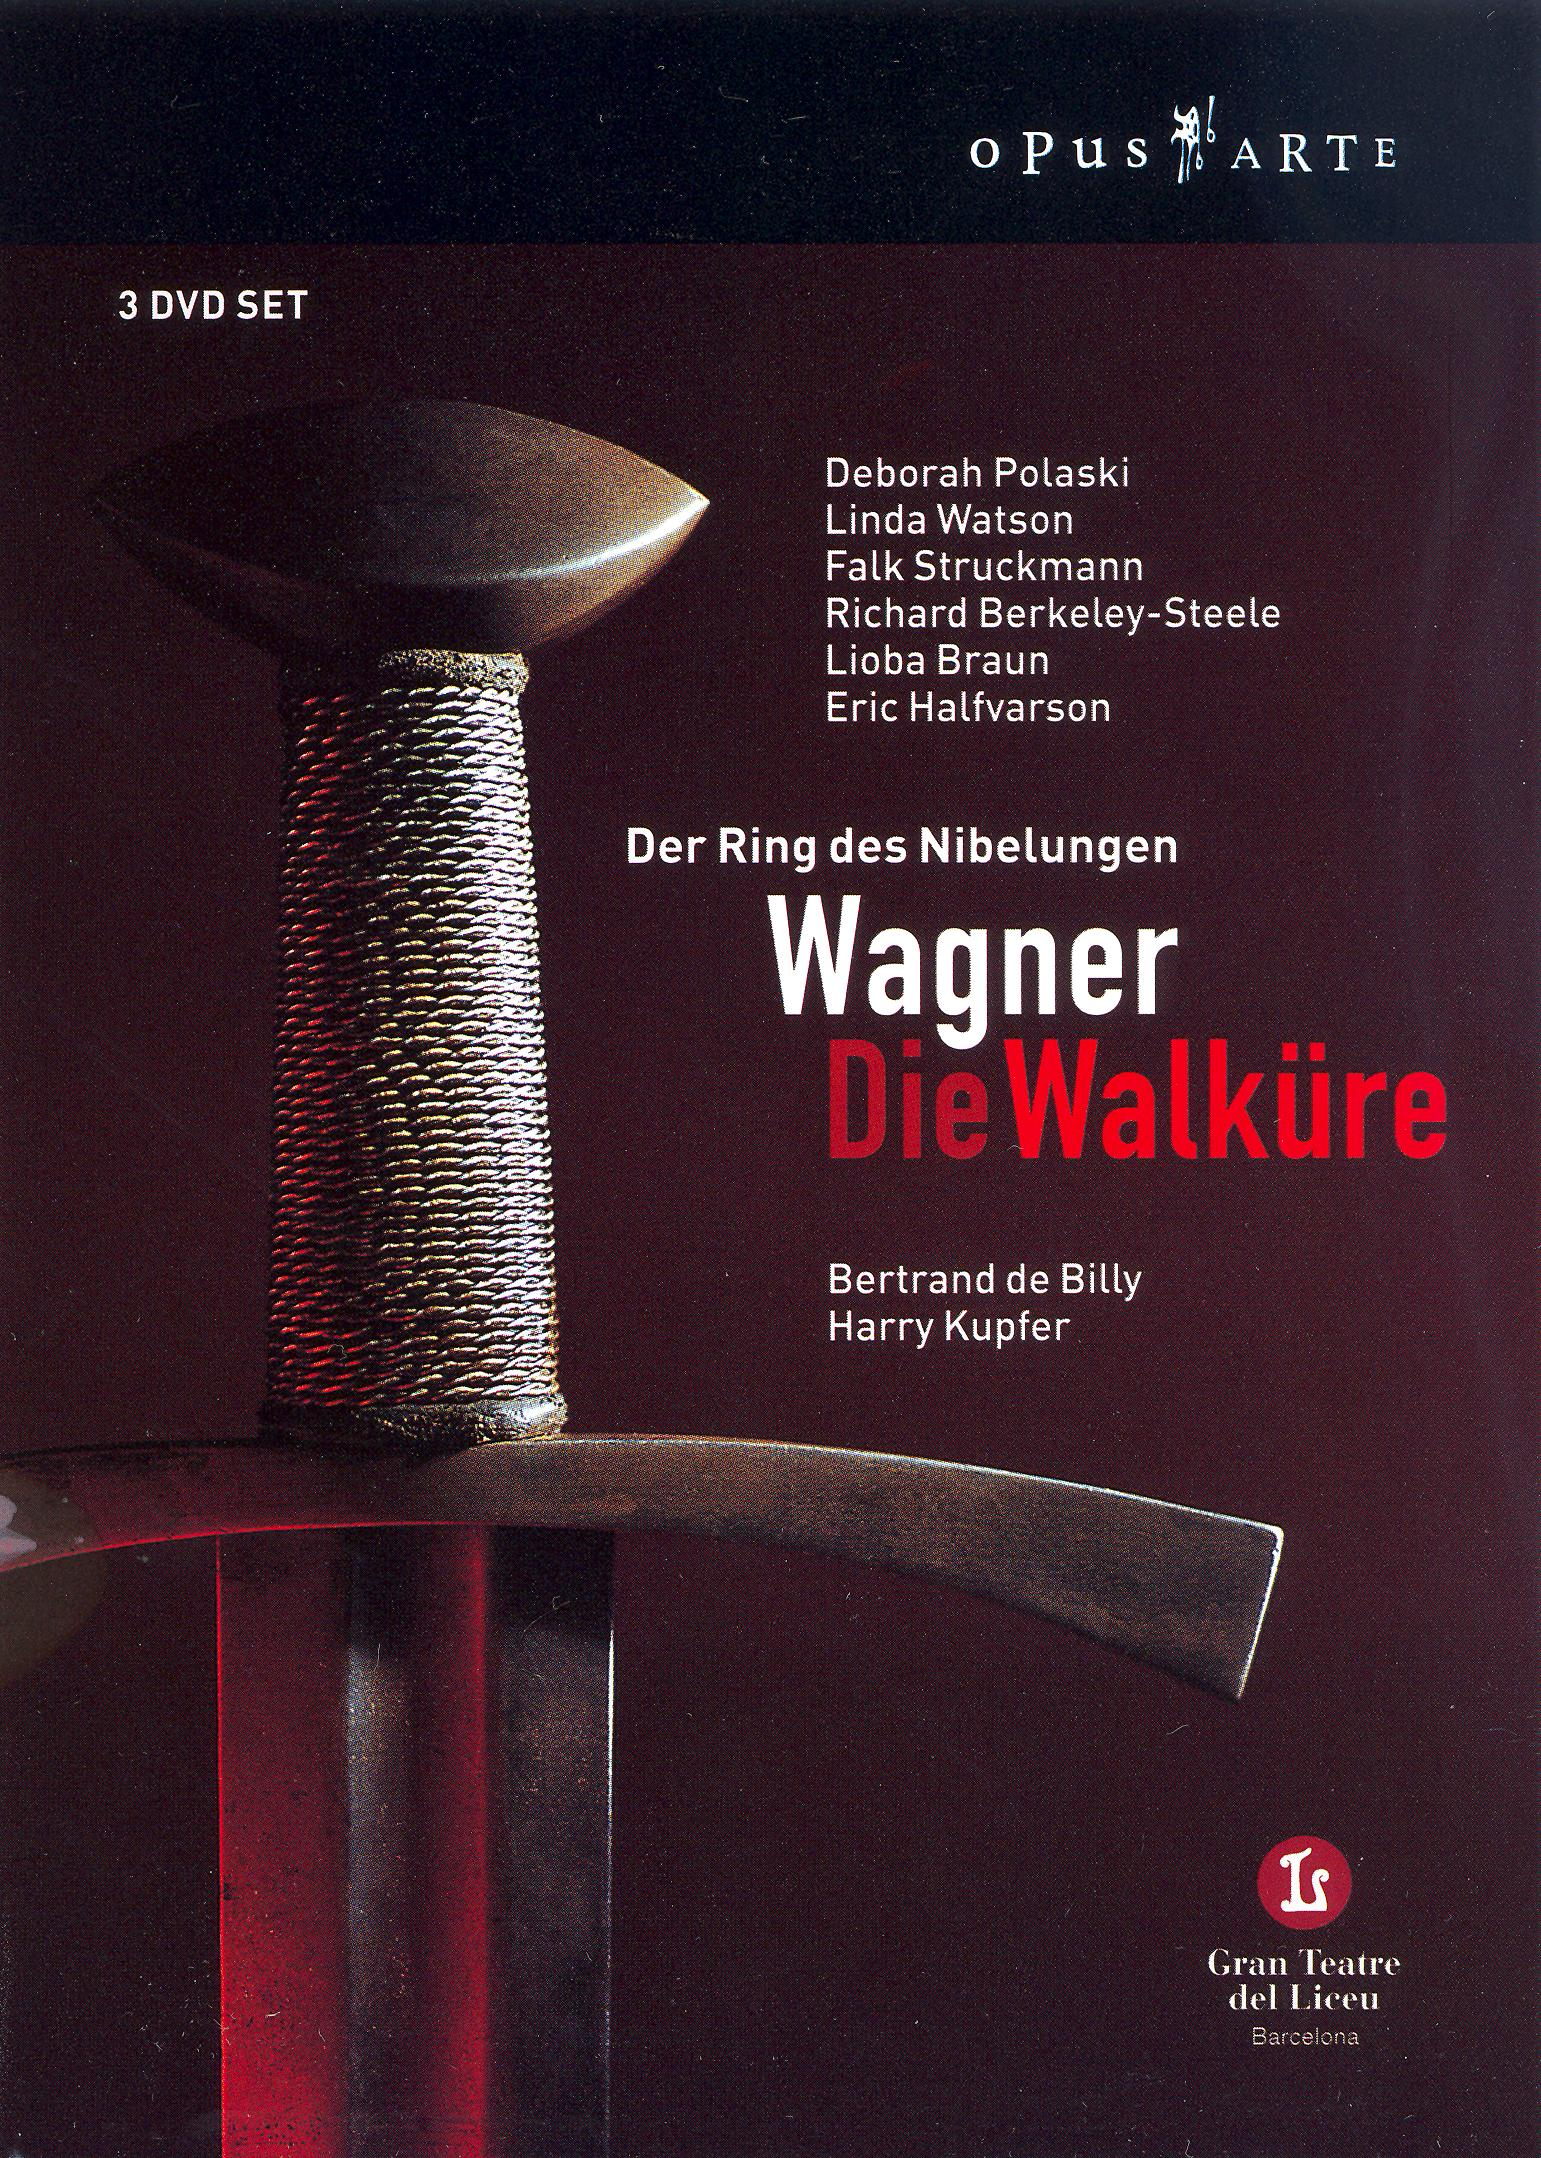 Die Walküre (Gran Teatre del Liceu)